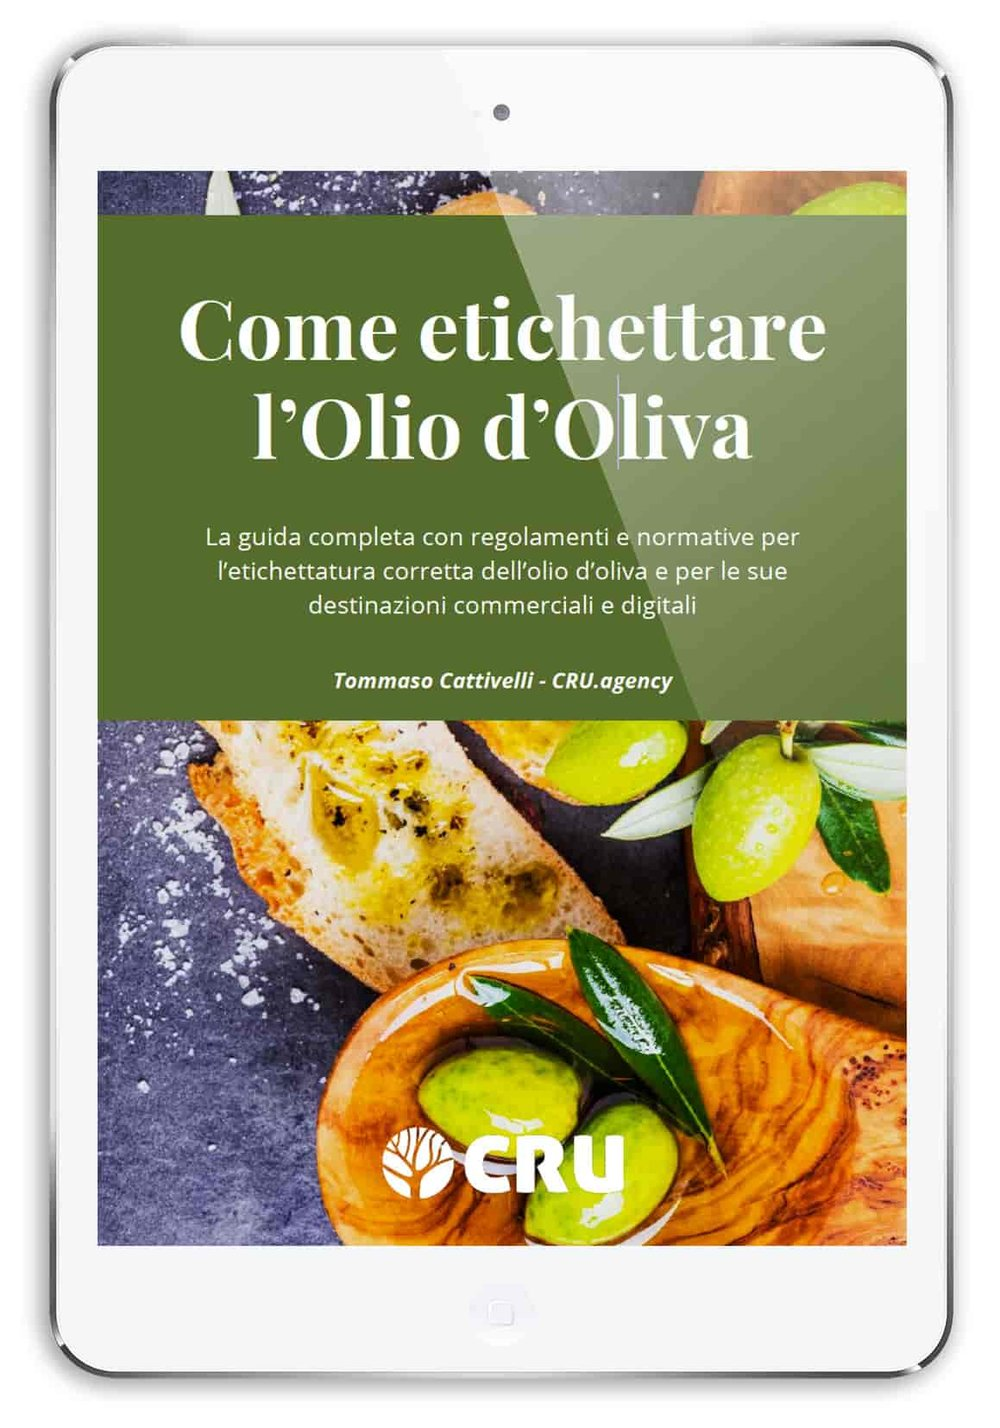 una guida per etichettare bene l'olio d'oliva